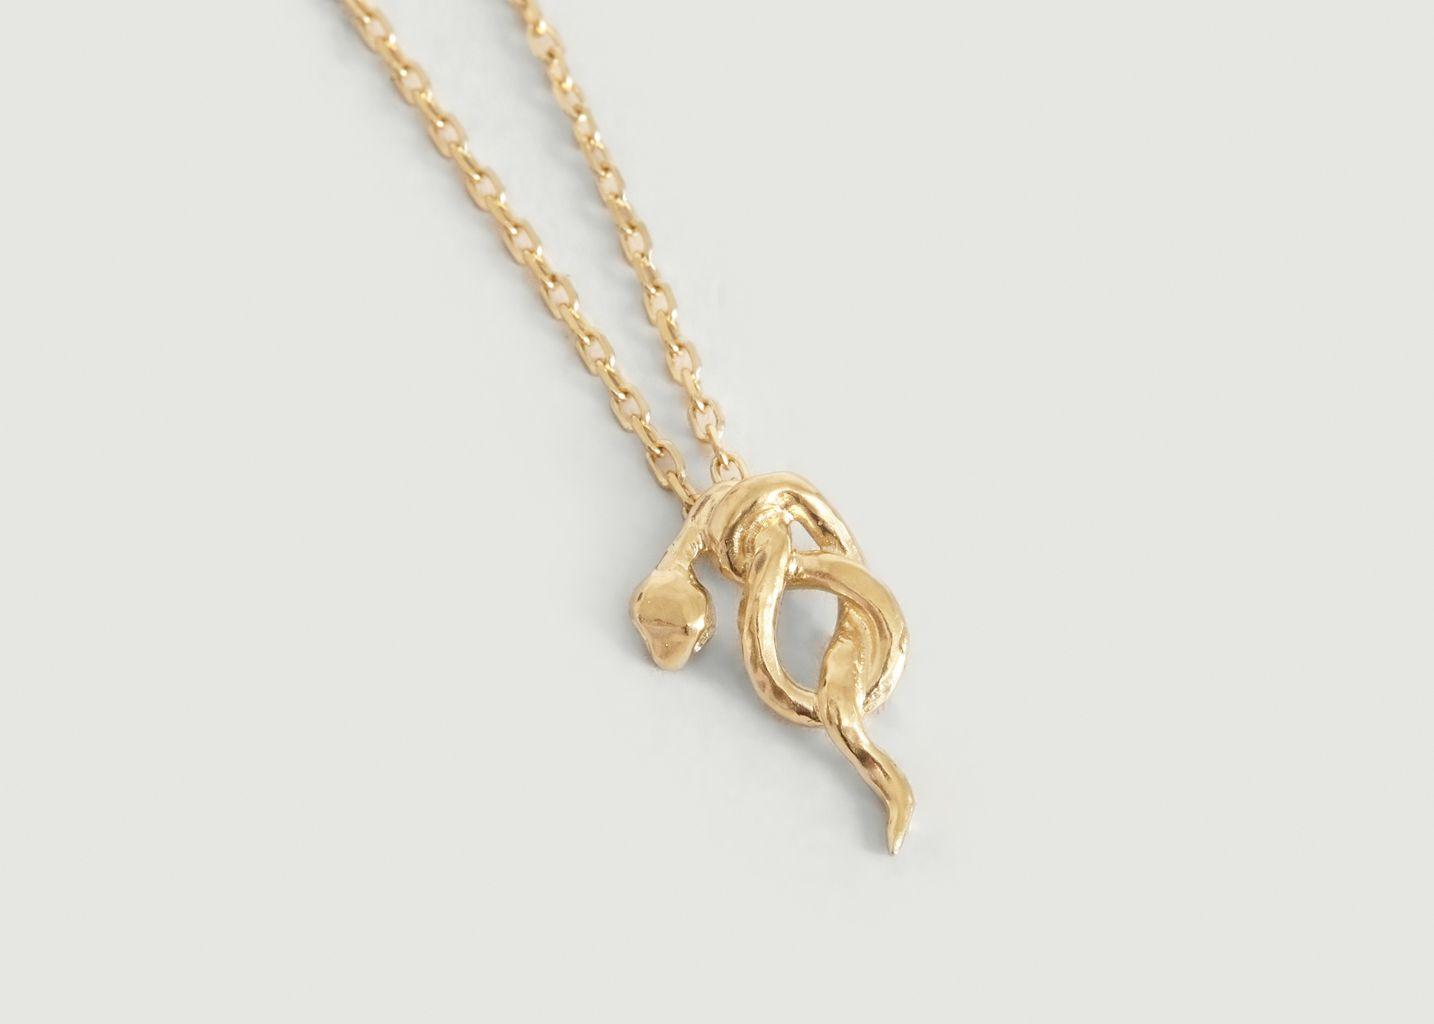 Collier chaîne avec pendentif serpent Illy  - Monsieur